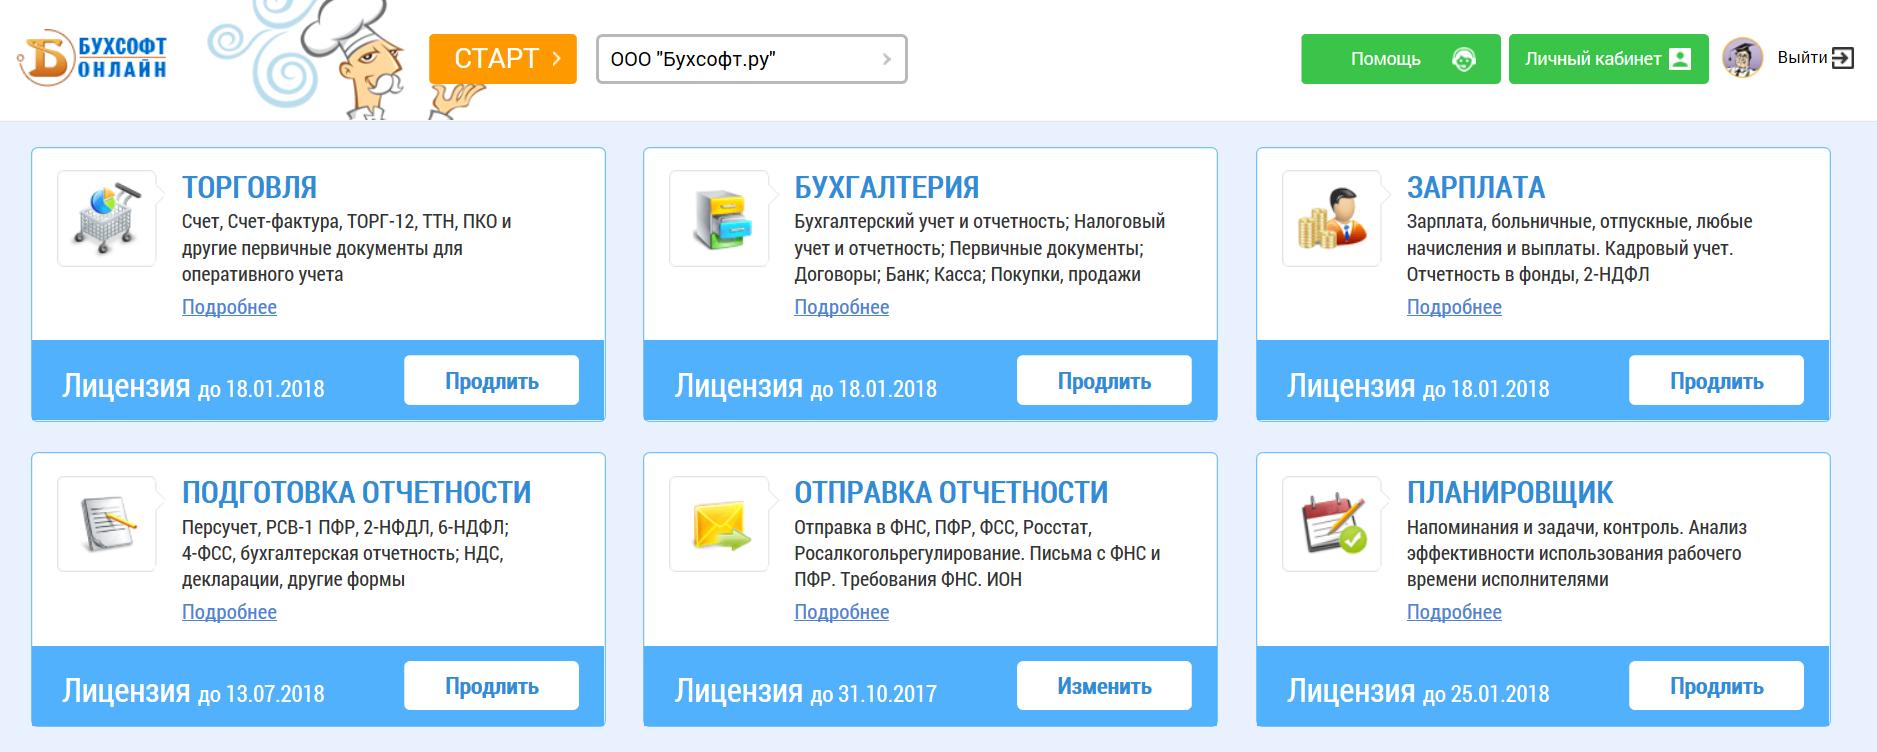 Как открыть у себя онлайн бухгалтерию ип не дают свидетельства о регистрации